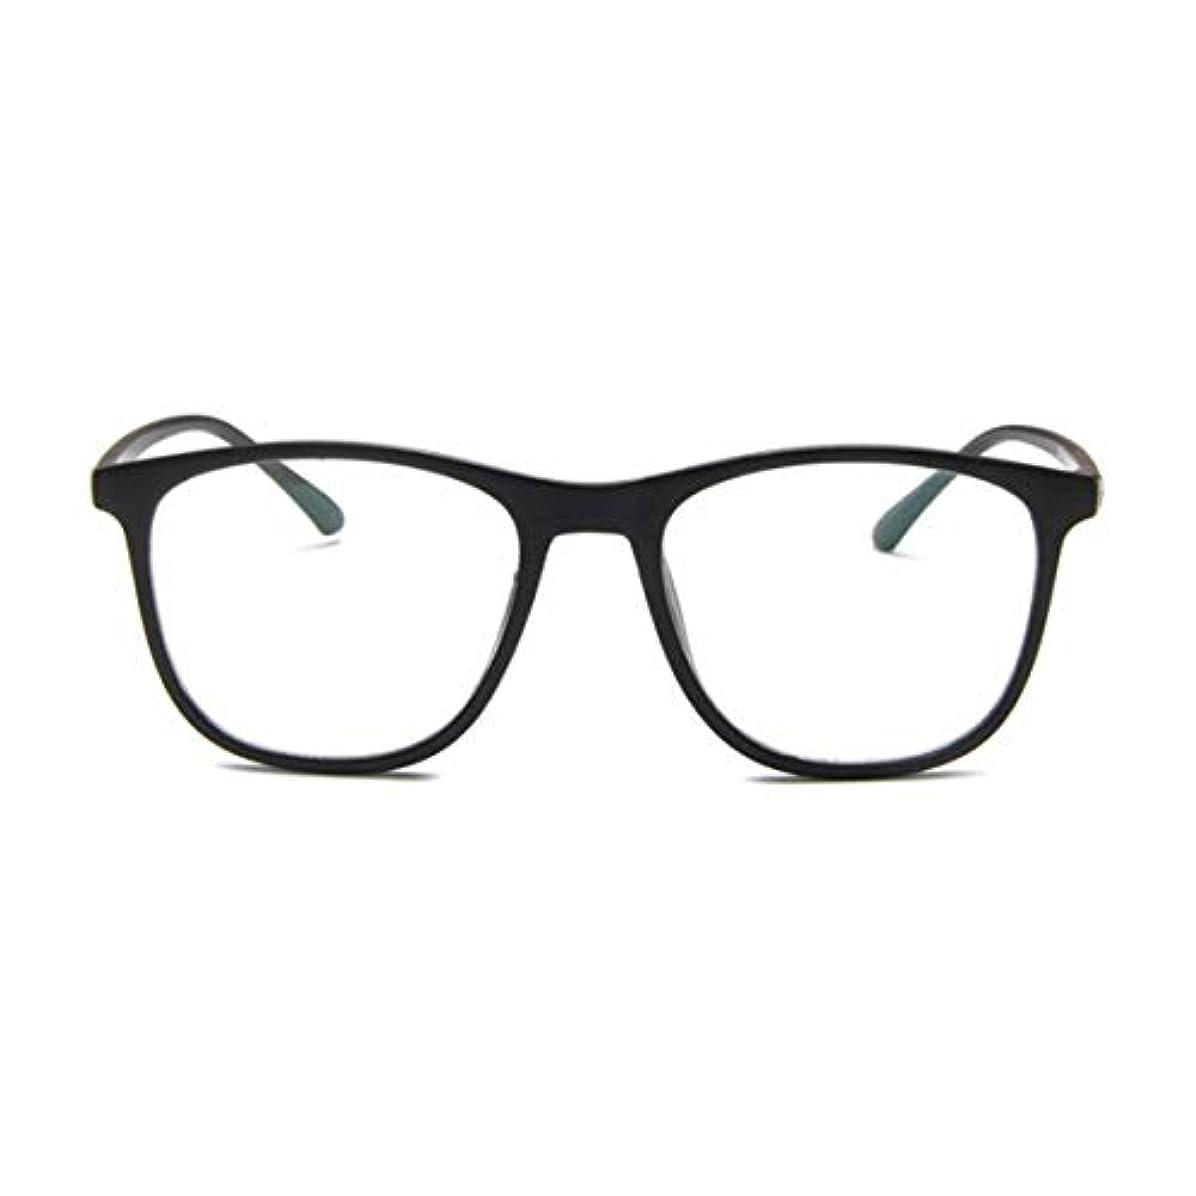 ケーキチャーム放送韓国の学生のプレーンメガネの男性と女性のファッションメガネフレーム近視メガネフレームファッショナブルなシンプルなメガネ-マットブラック